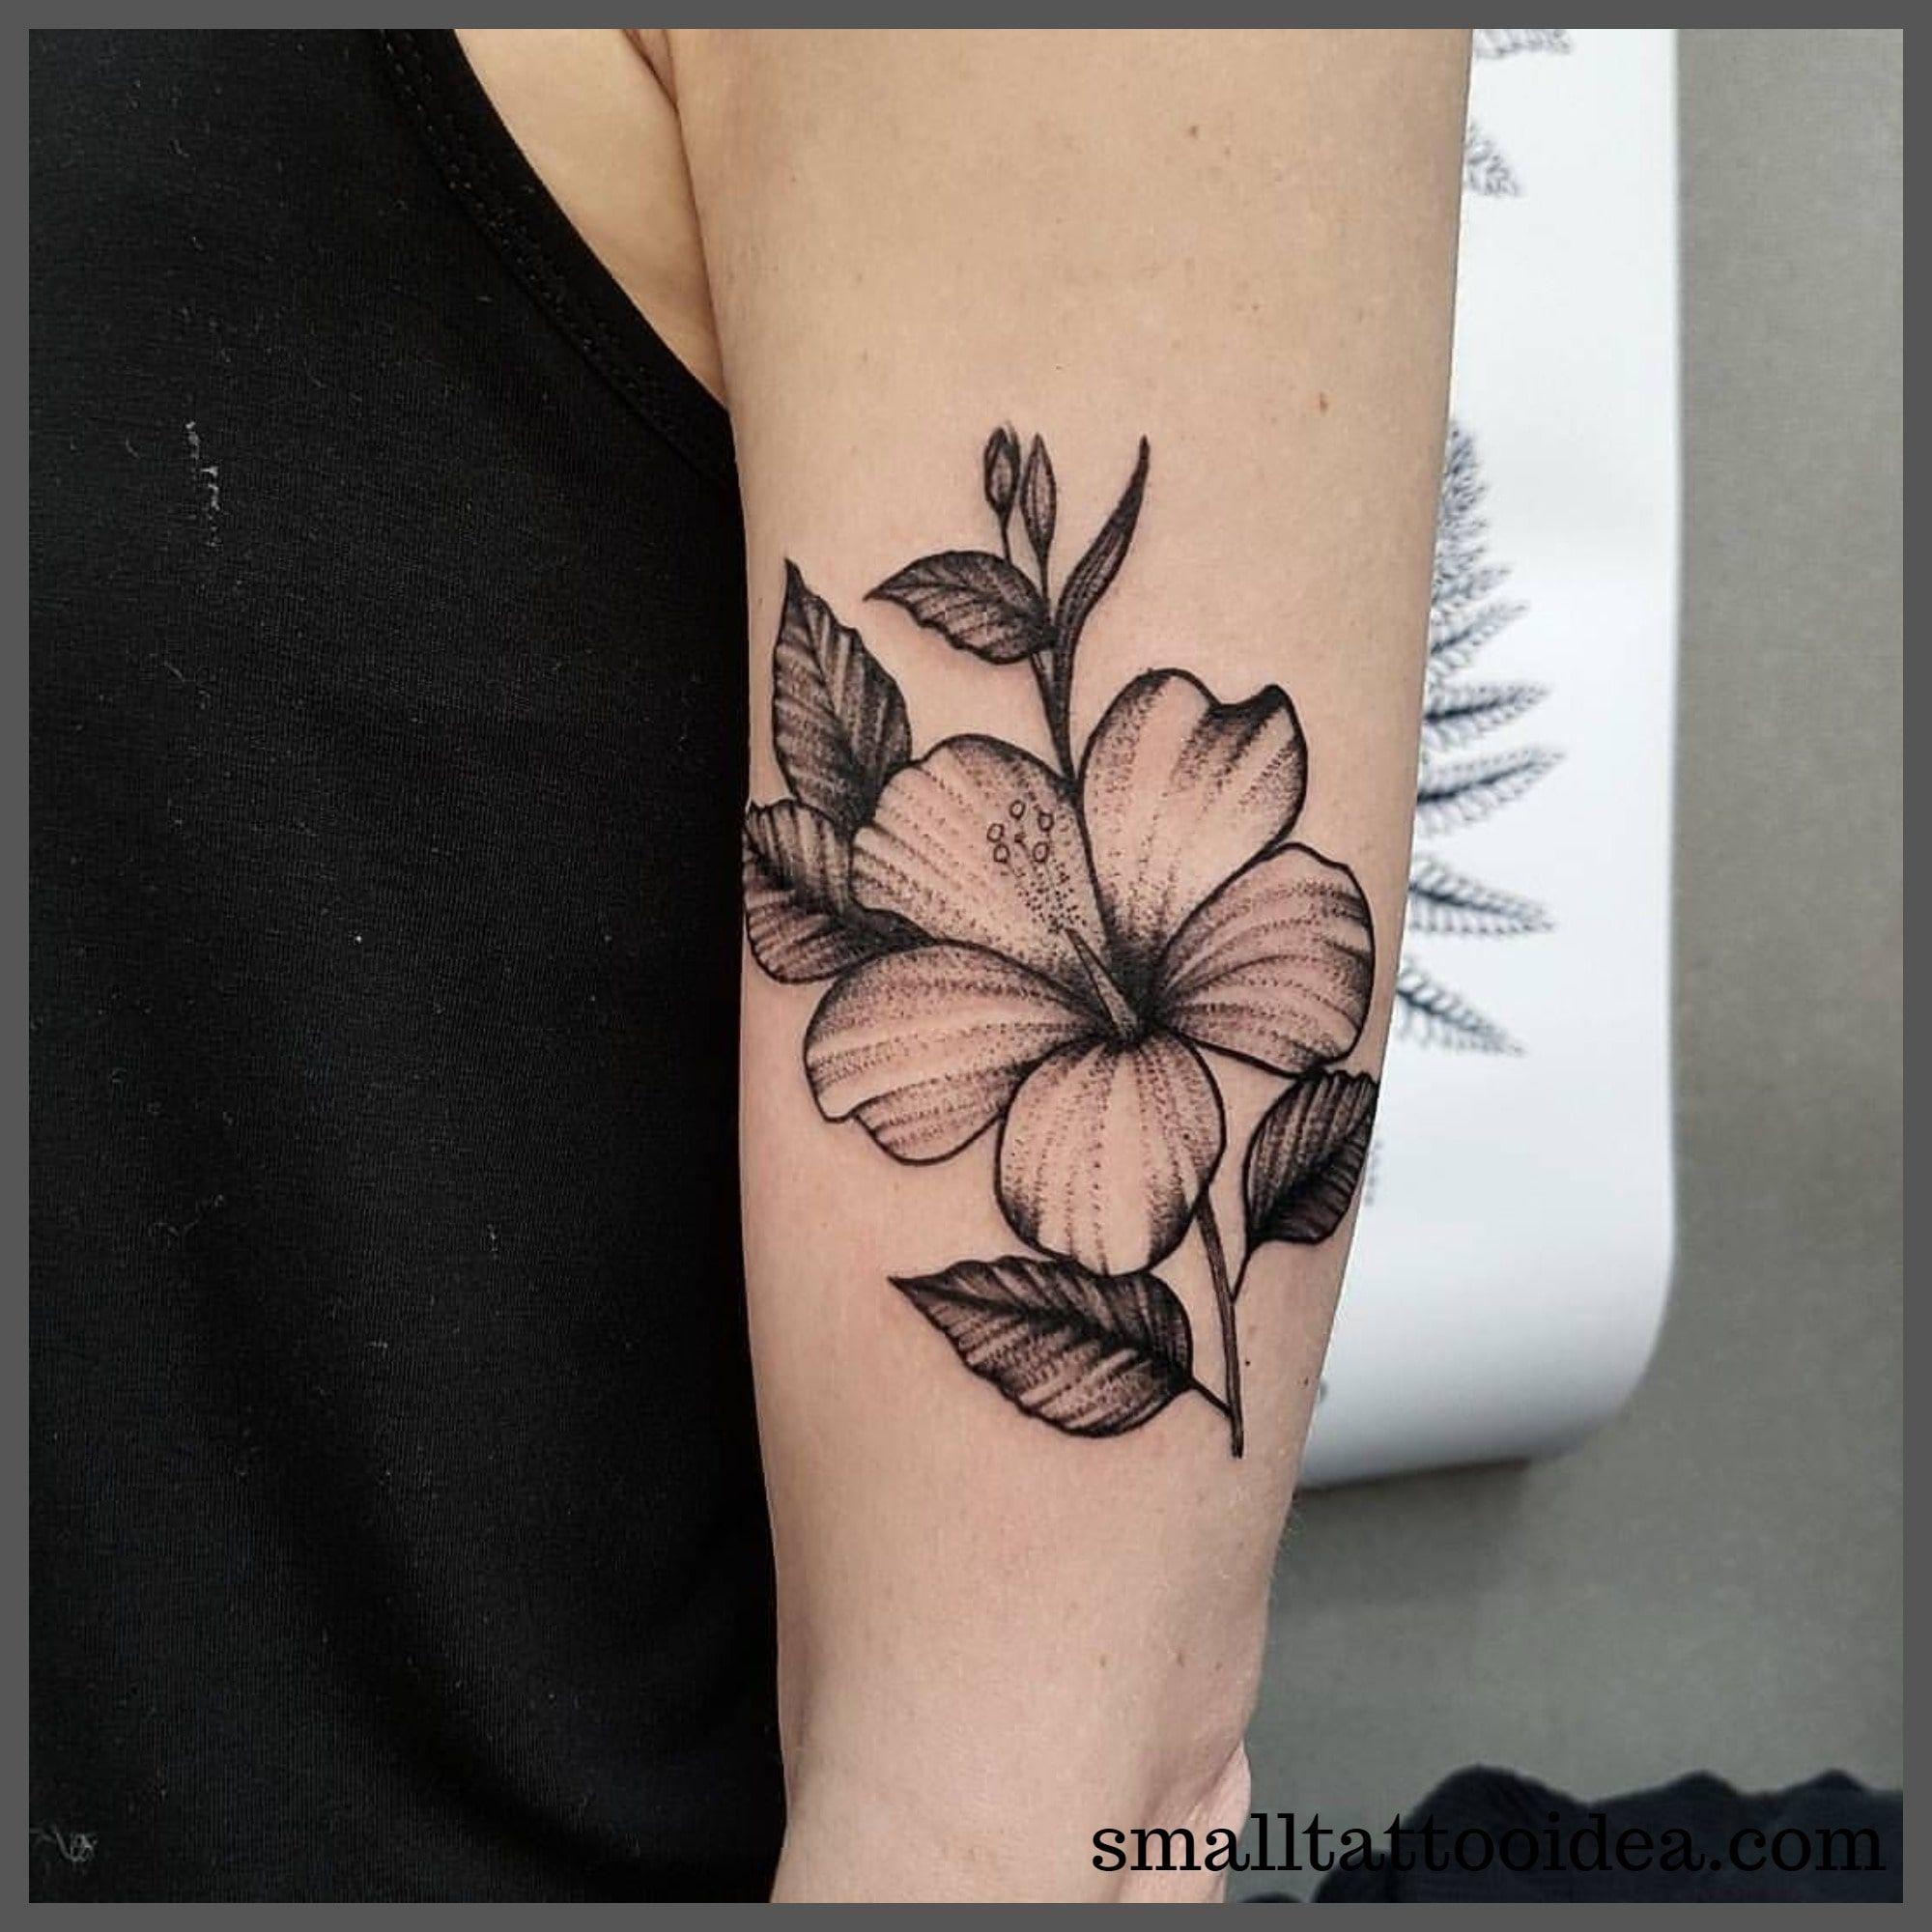 25 Coolest Hibiscus Tattoo Ideas For Women Tattoo Dovme Sanatcilari Erkek Dovmeleri Dovme Fikirleri